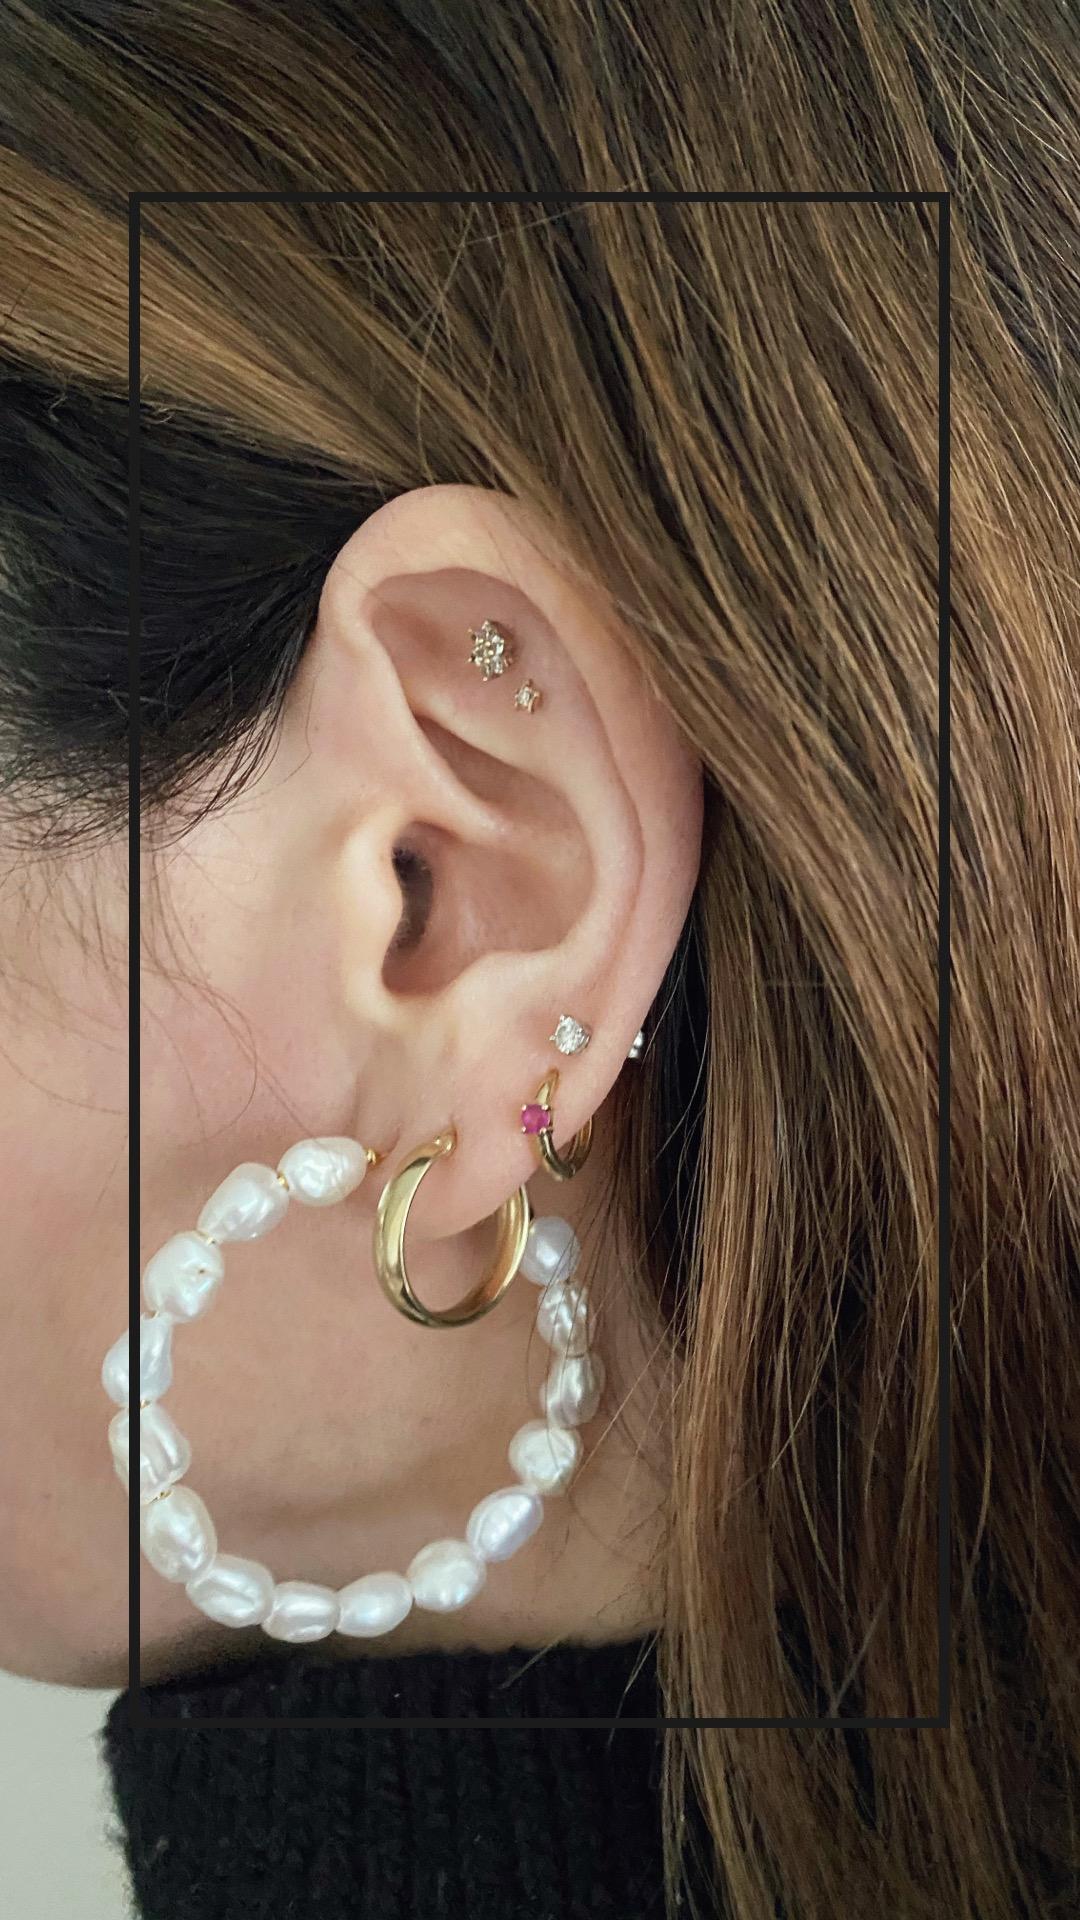 Mejuri Bold Pearl Hoop Earrings